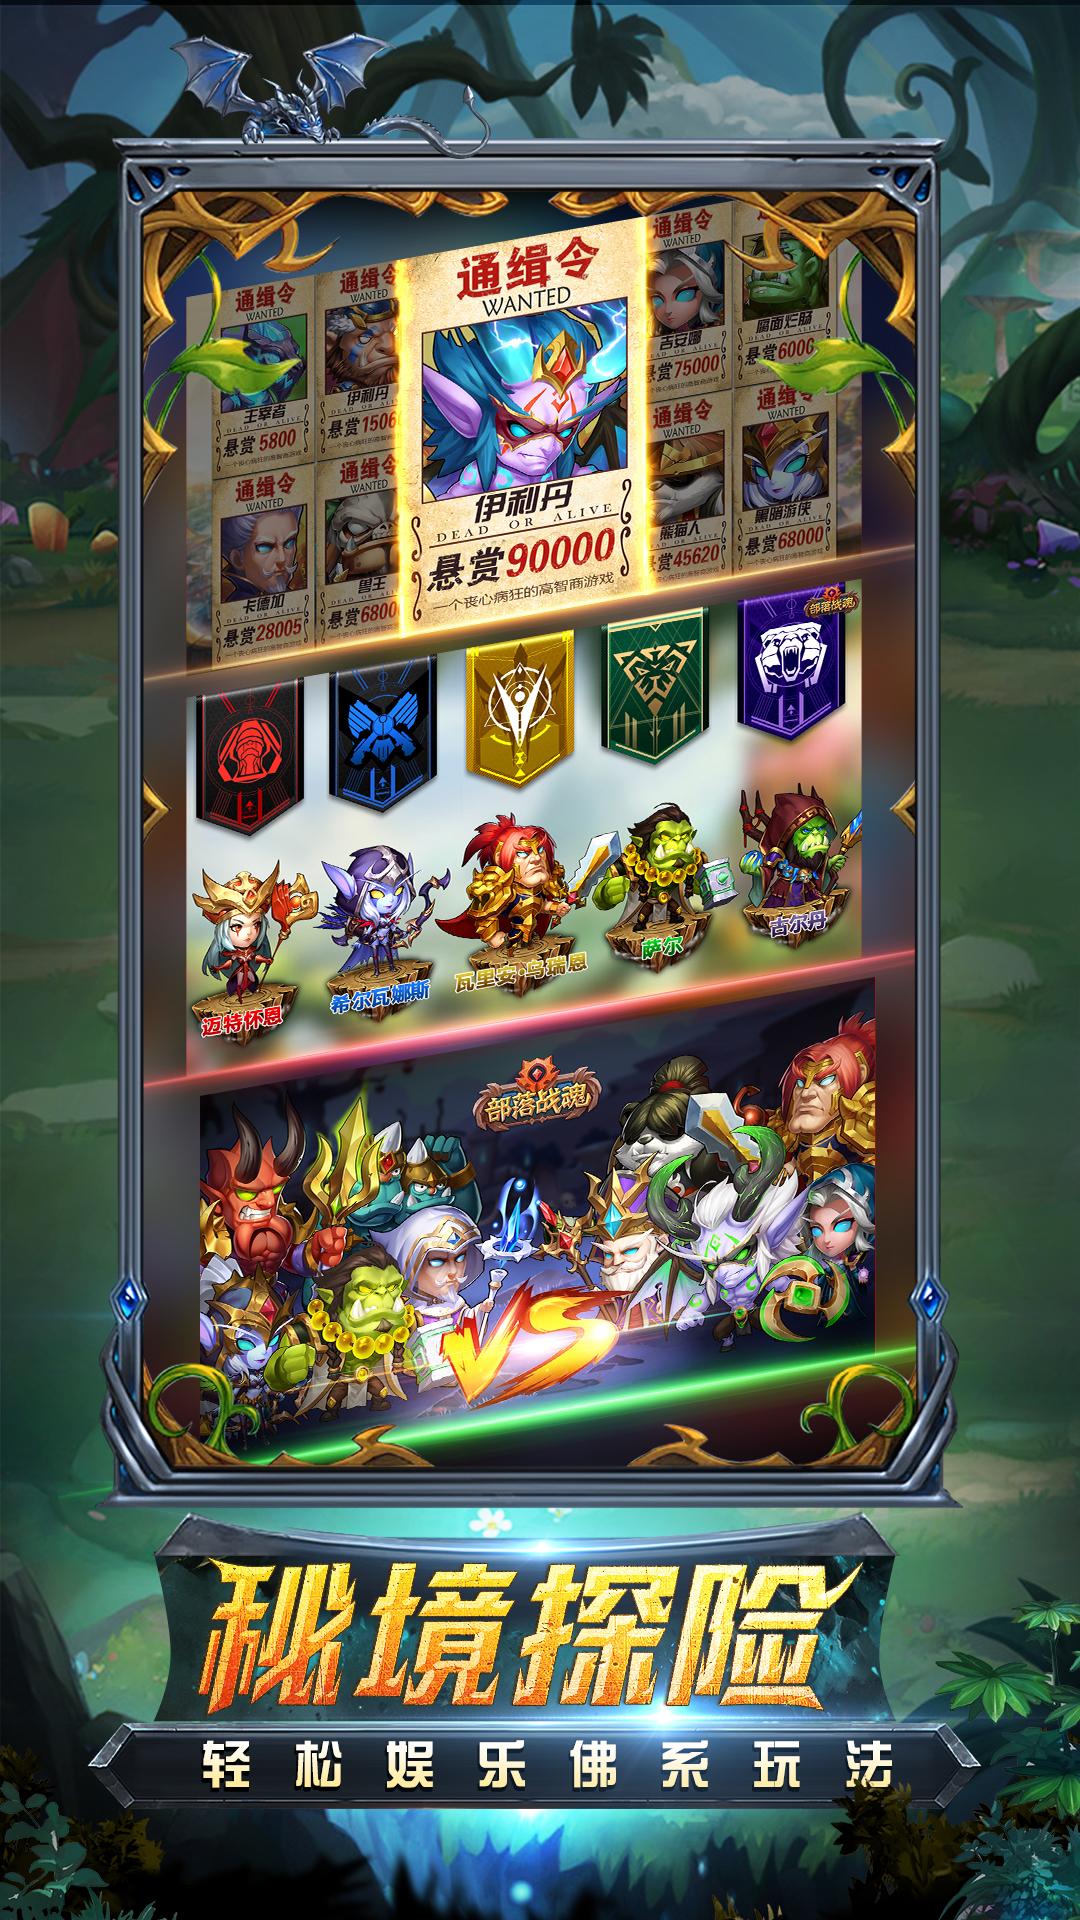 暗黑超神-放置策略卡牌截图